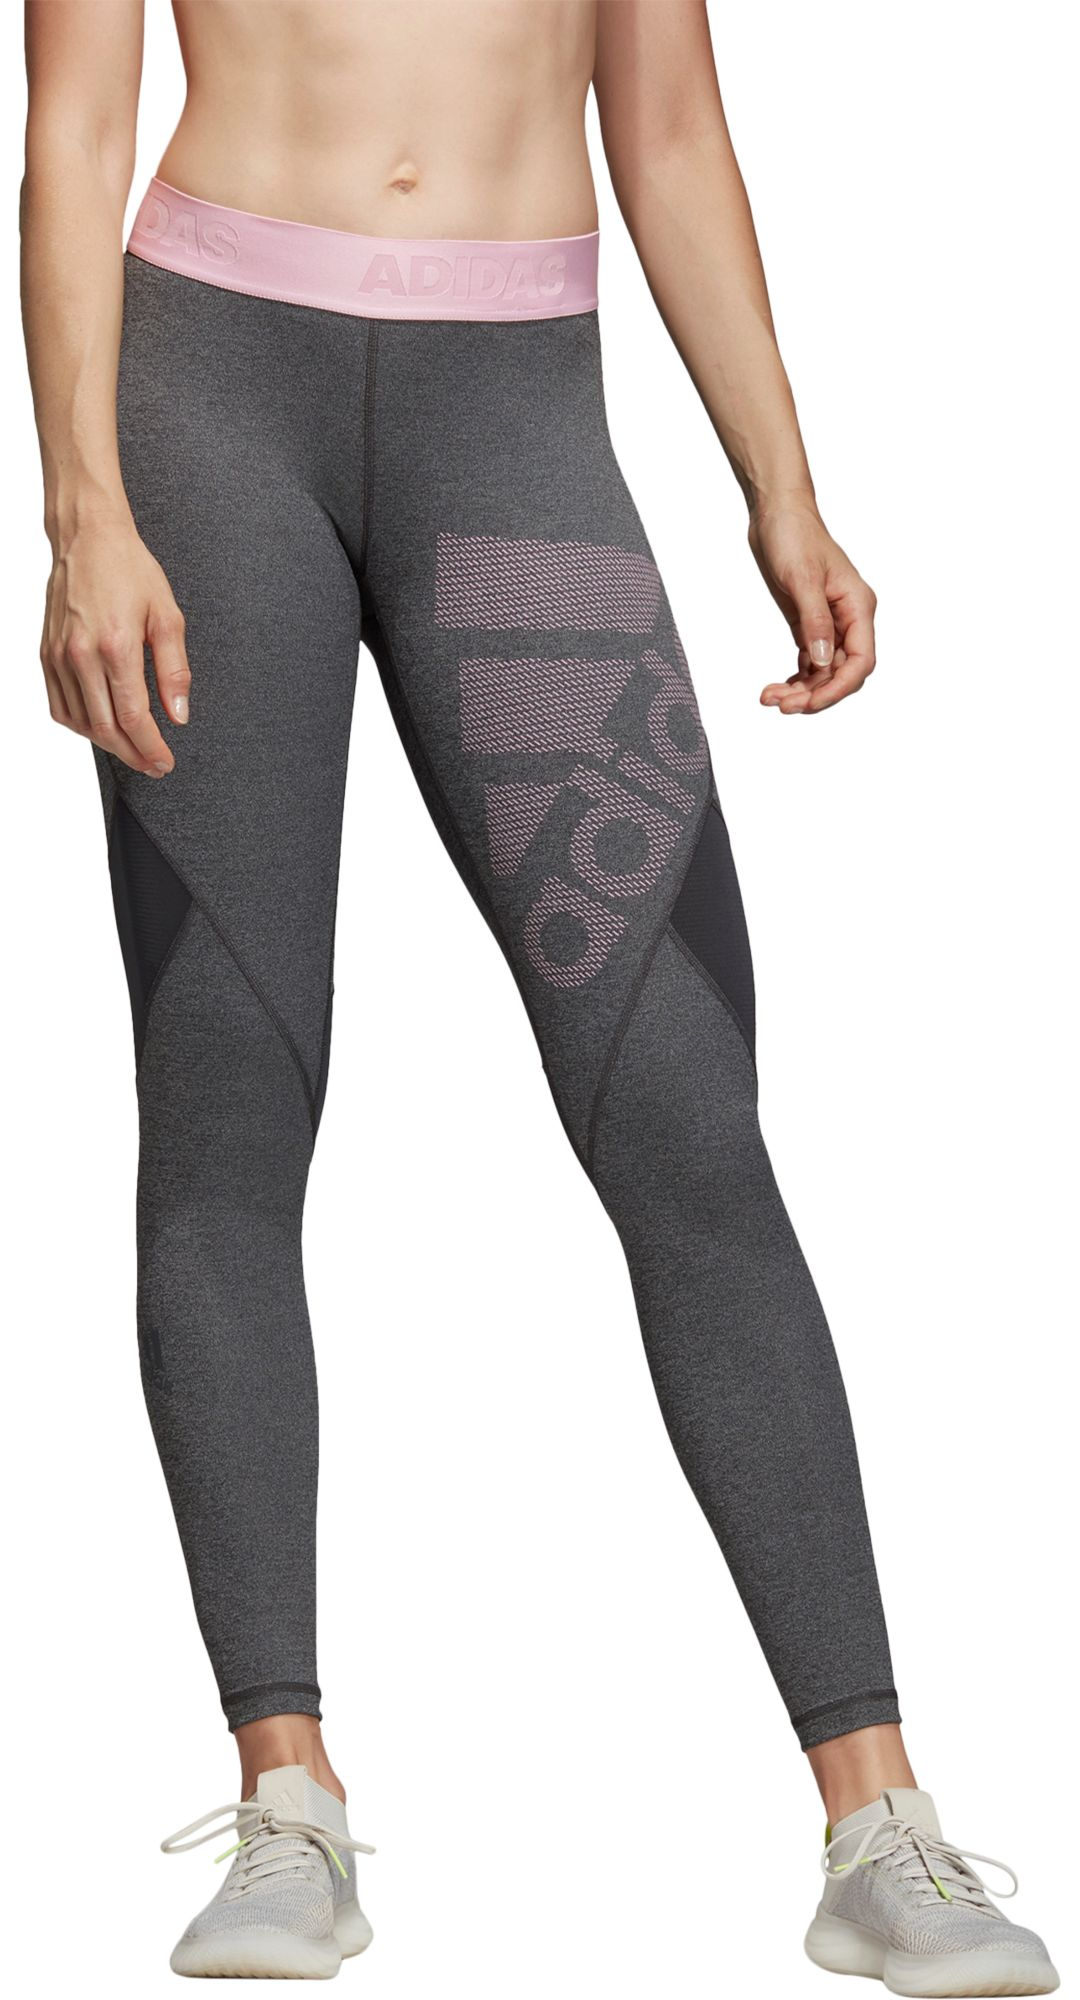 d8202570070 adidas Women's Alphaskin Sport Long Tights. noImageFound. Previous